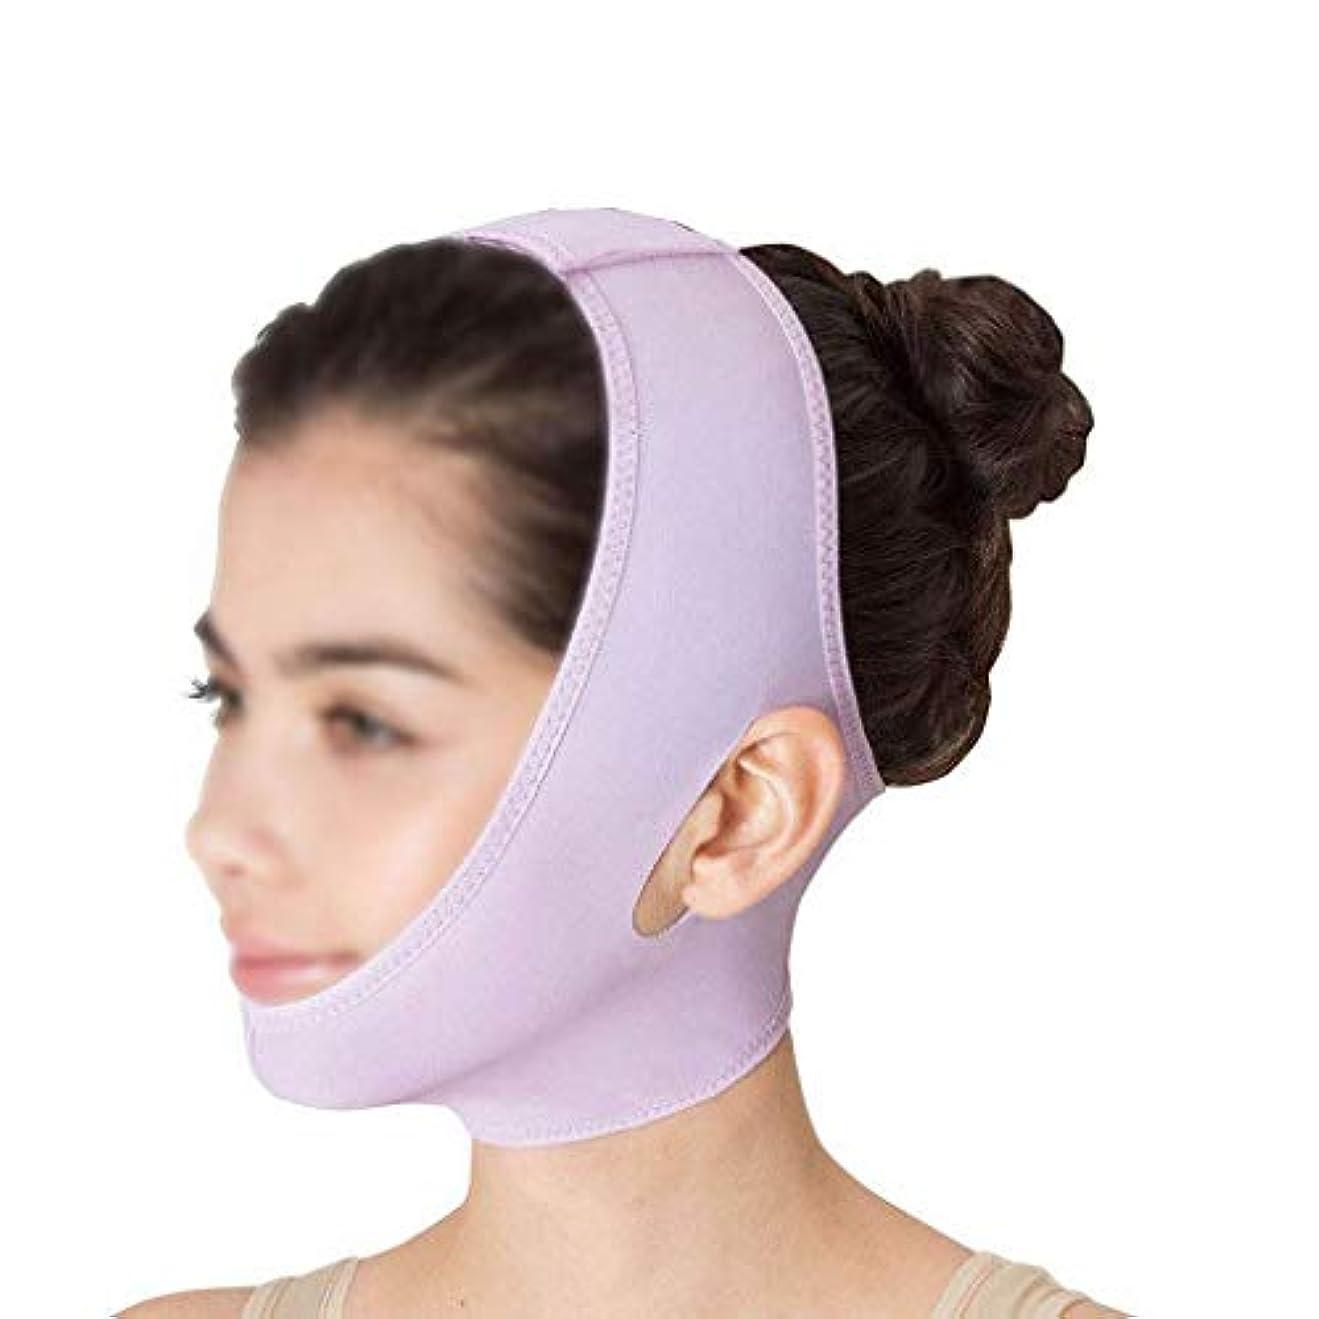 冷蔵する悪性アームストロング薄いフェイスマスク ビームフェイス、薄いダブルチンでスリーピングマスクの下の頬を防ぎ、小さなVフェイスを作成